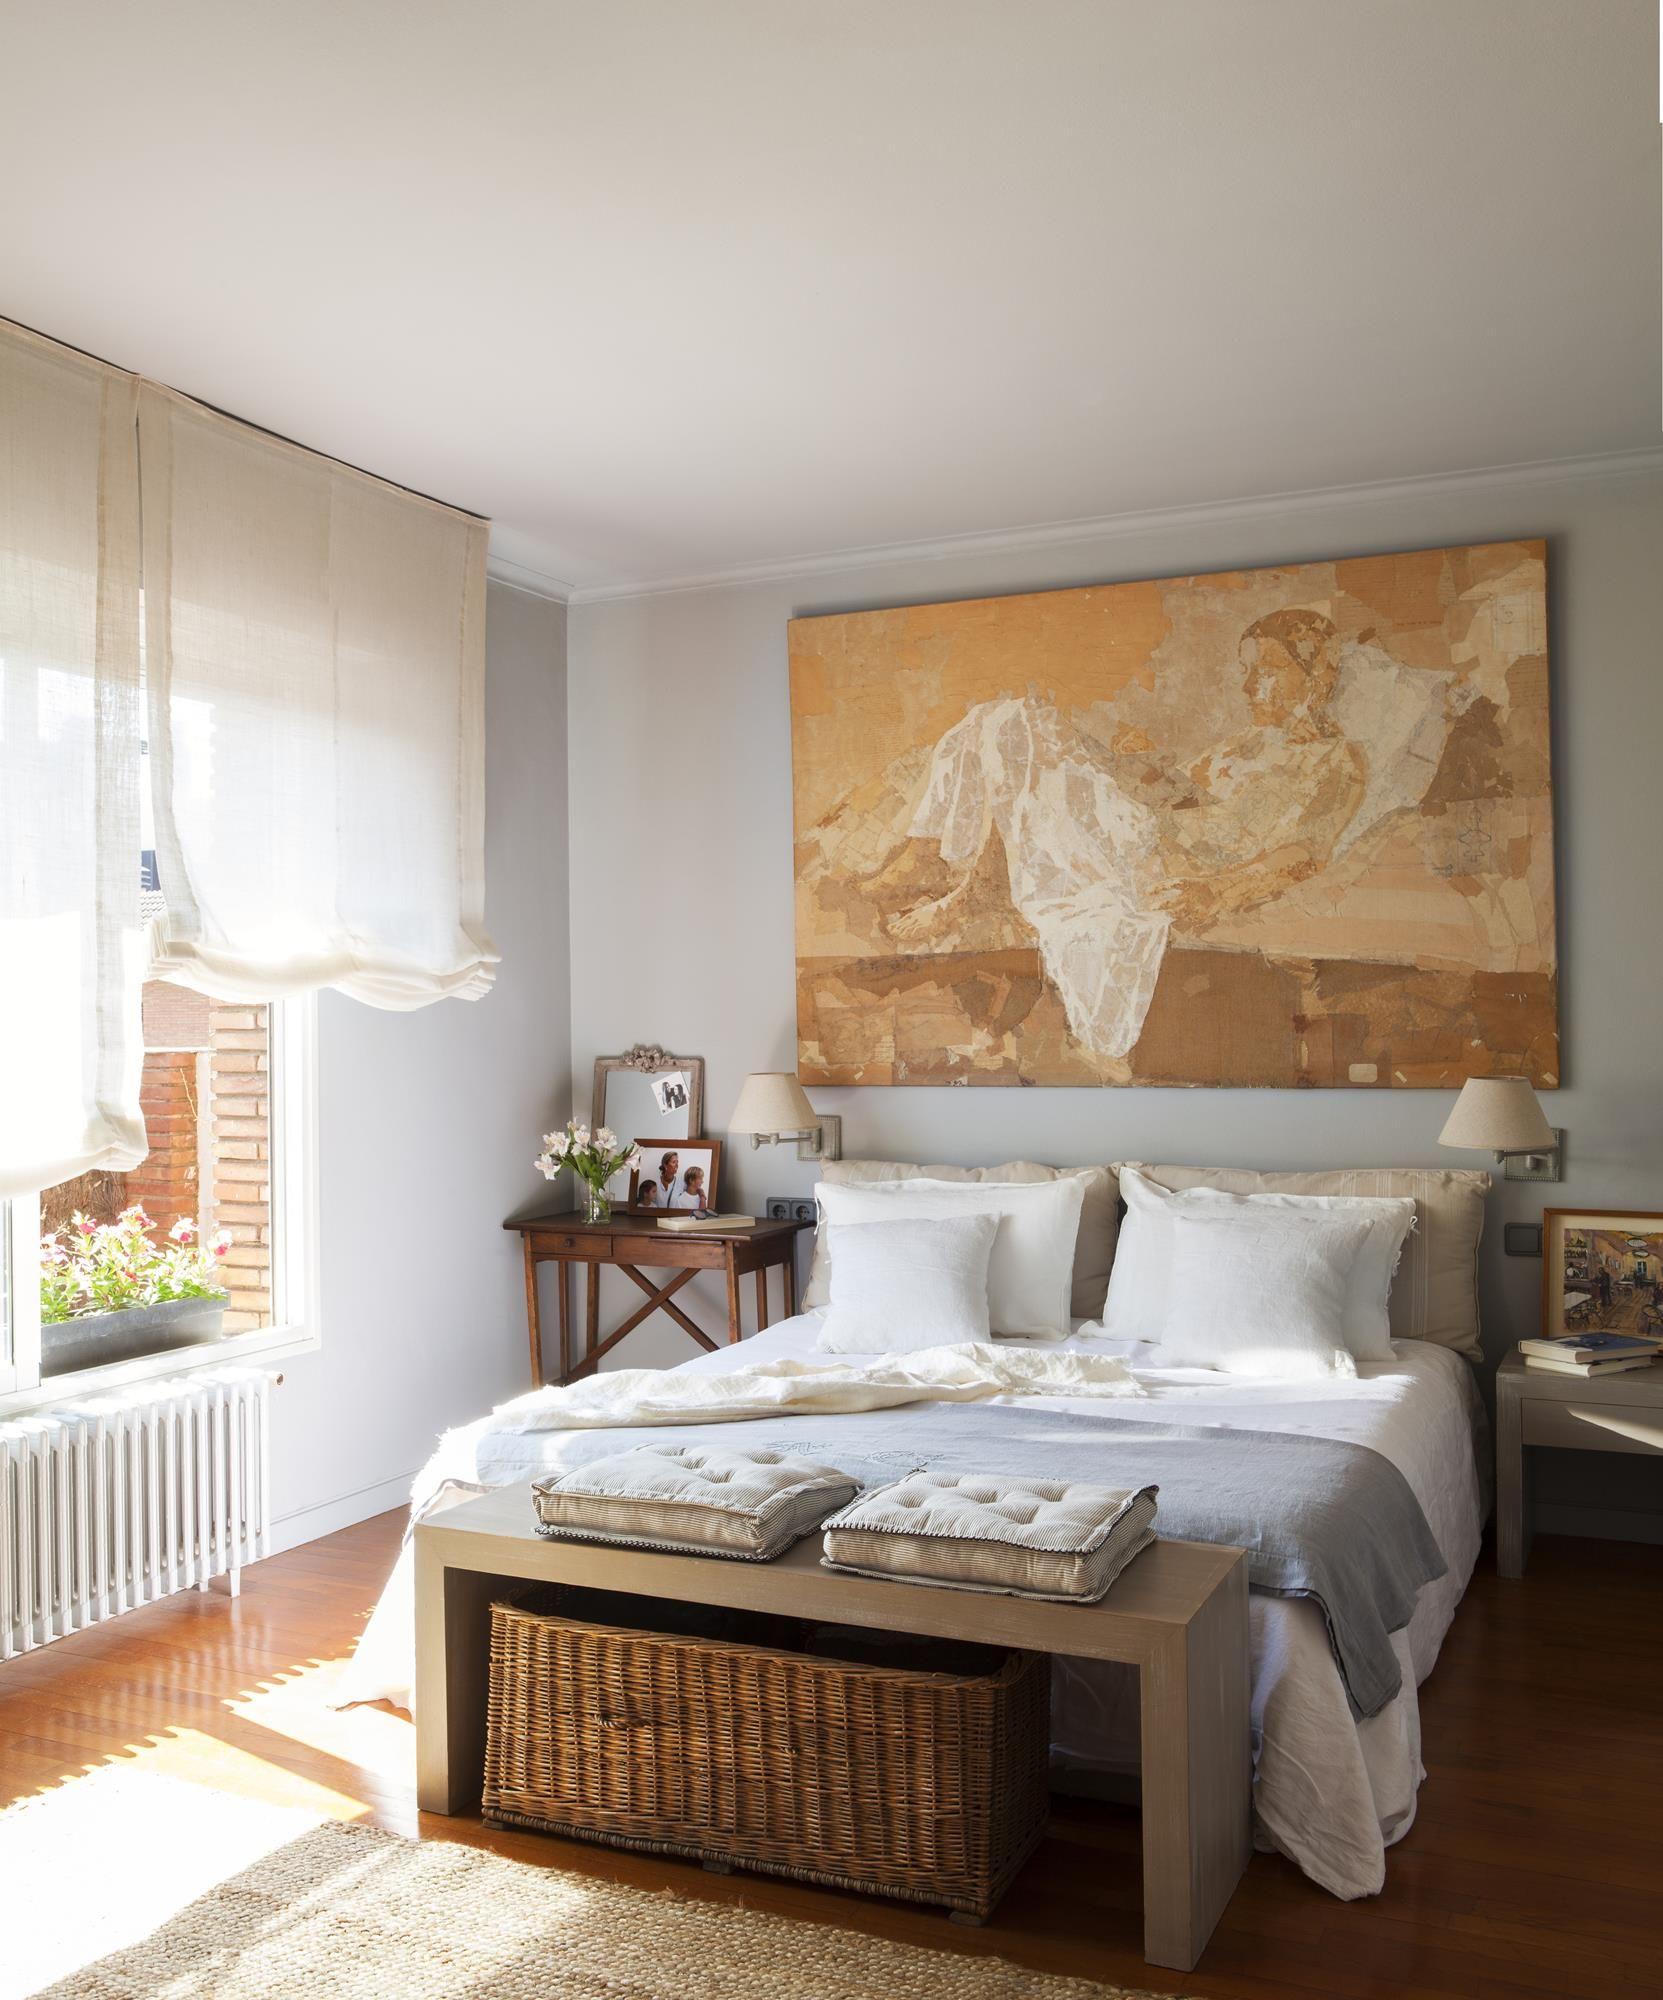 dormitorio con cesto y banco a los pies de la cama